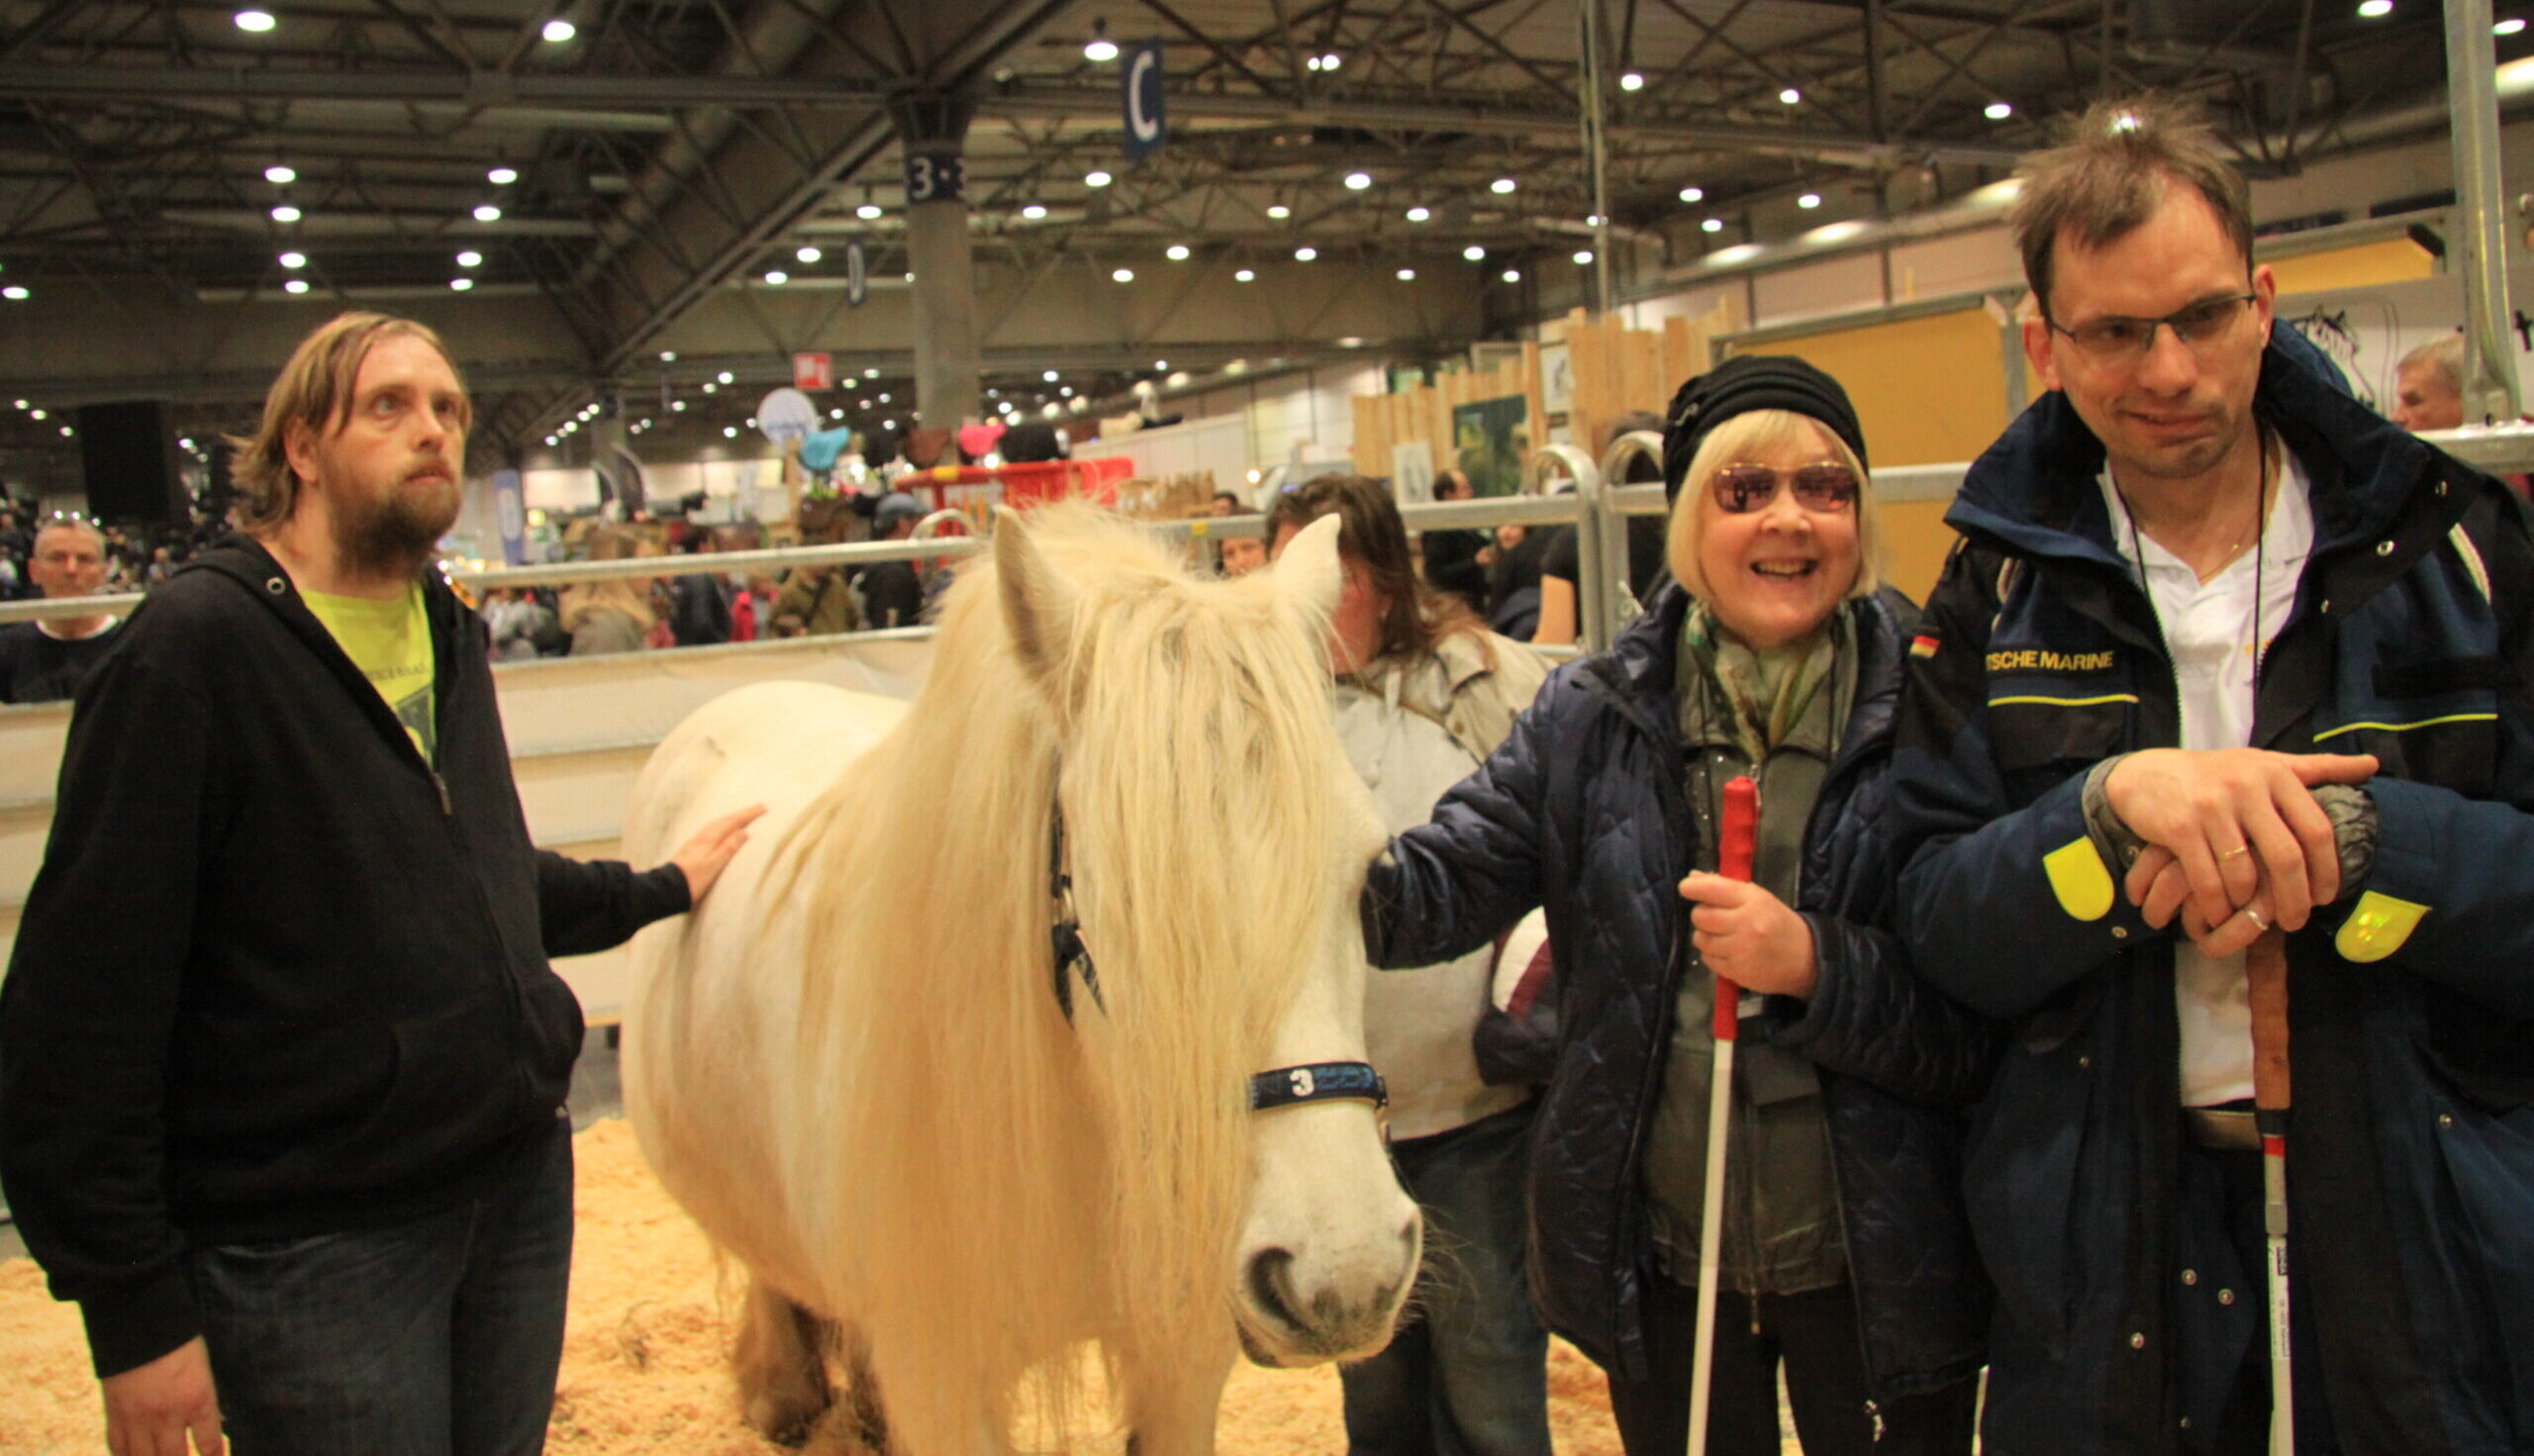 Drei Besucher der PARTNER PFERD mit einer Sehbehinderung stehen neben einem Pony. Das Pony hat eine weiße Farbe und eine lange dichte Mähne, die ihm auf einer Seite vom Kopf hängt. Zwei der Besucher haben eine Hand auf den Rücken des Ponys gelegt, Foto: Kati Lomb.